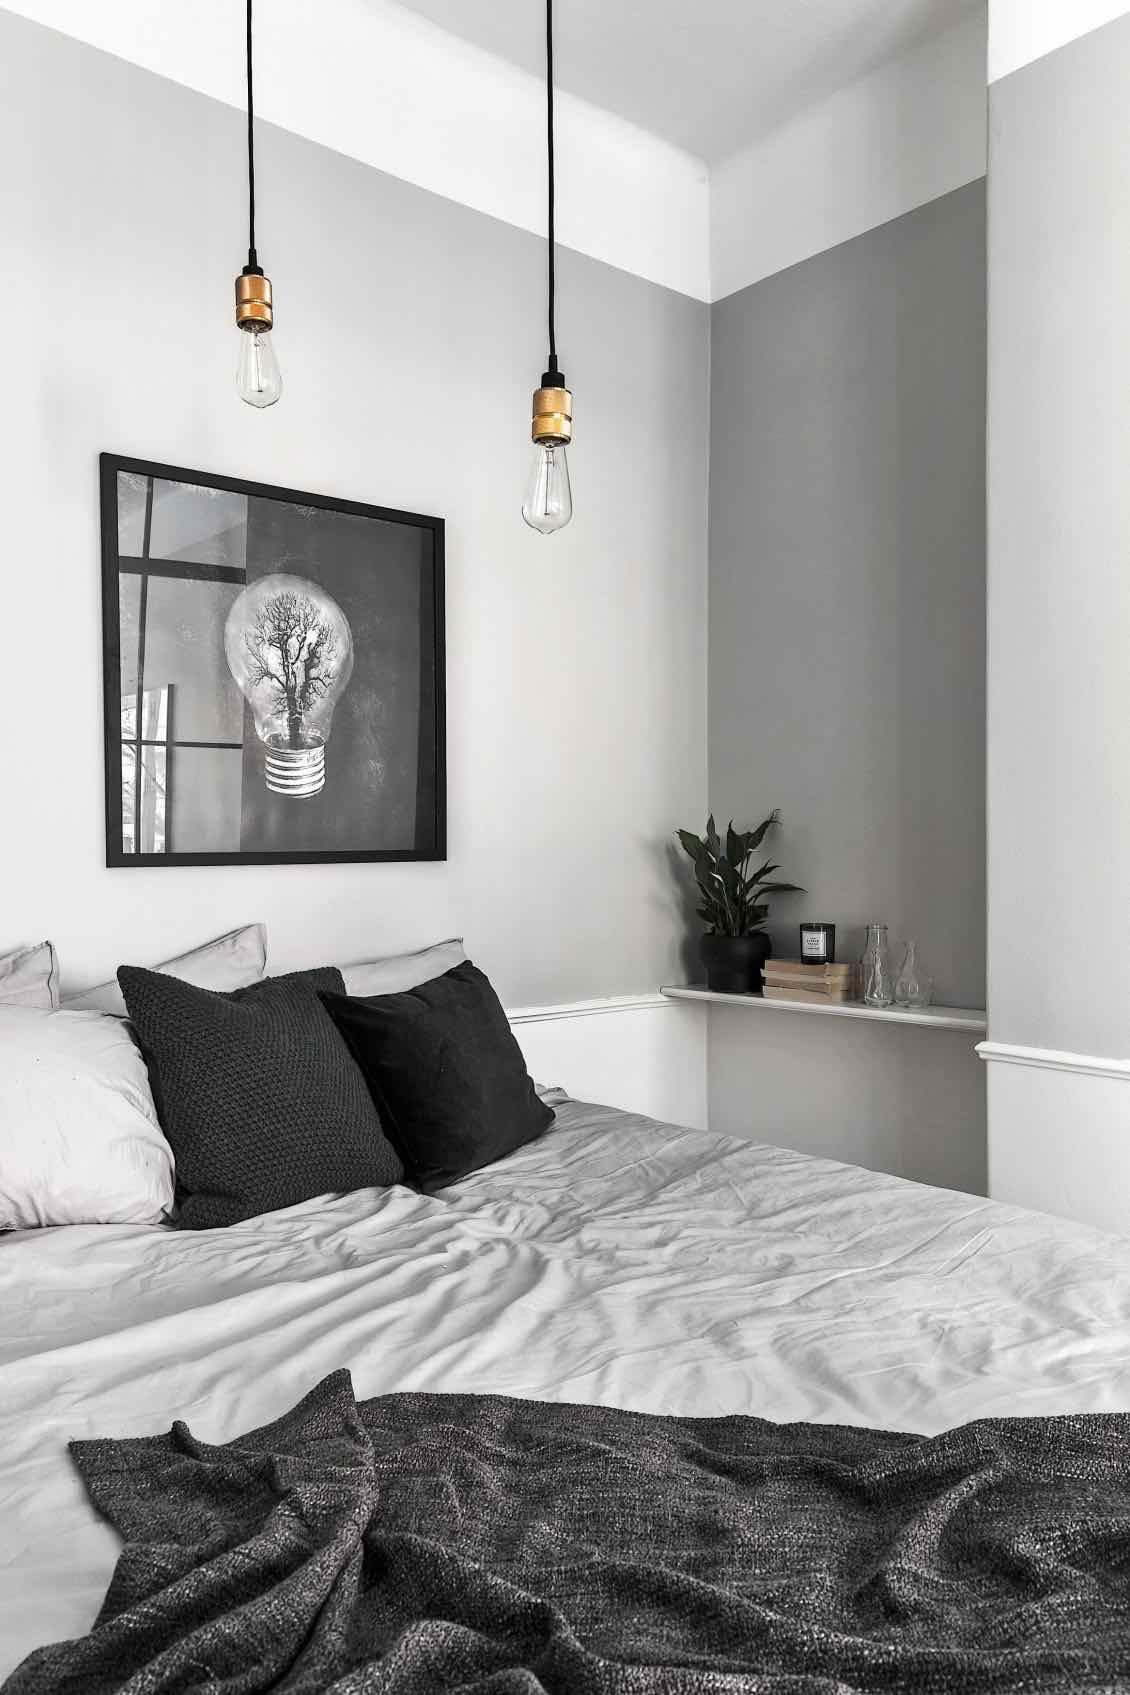 Schlafzimmerlampeneinrichtungsideen ideas to decorate a garage